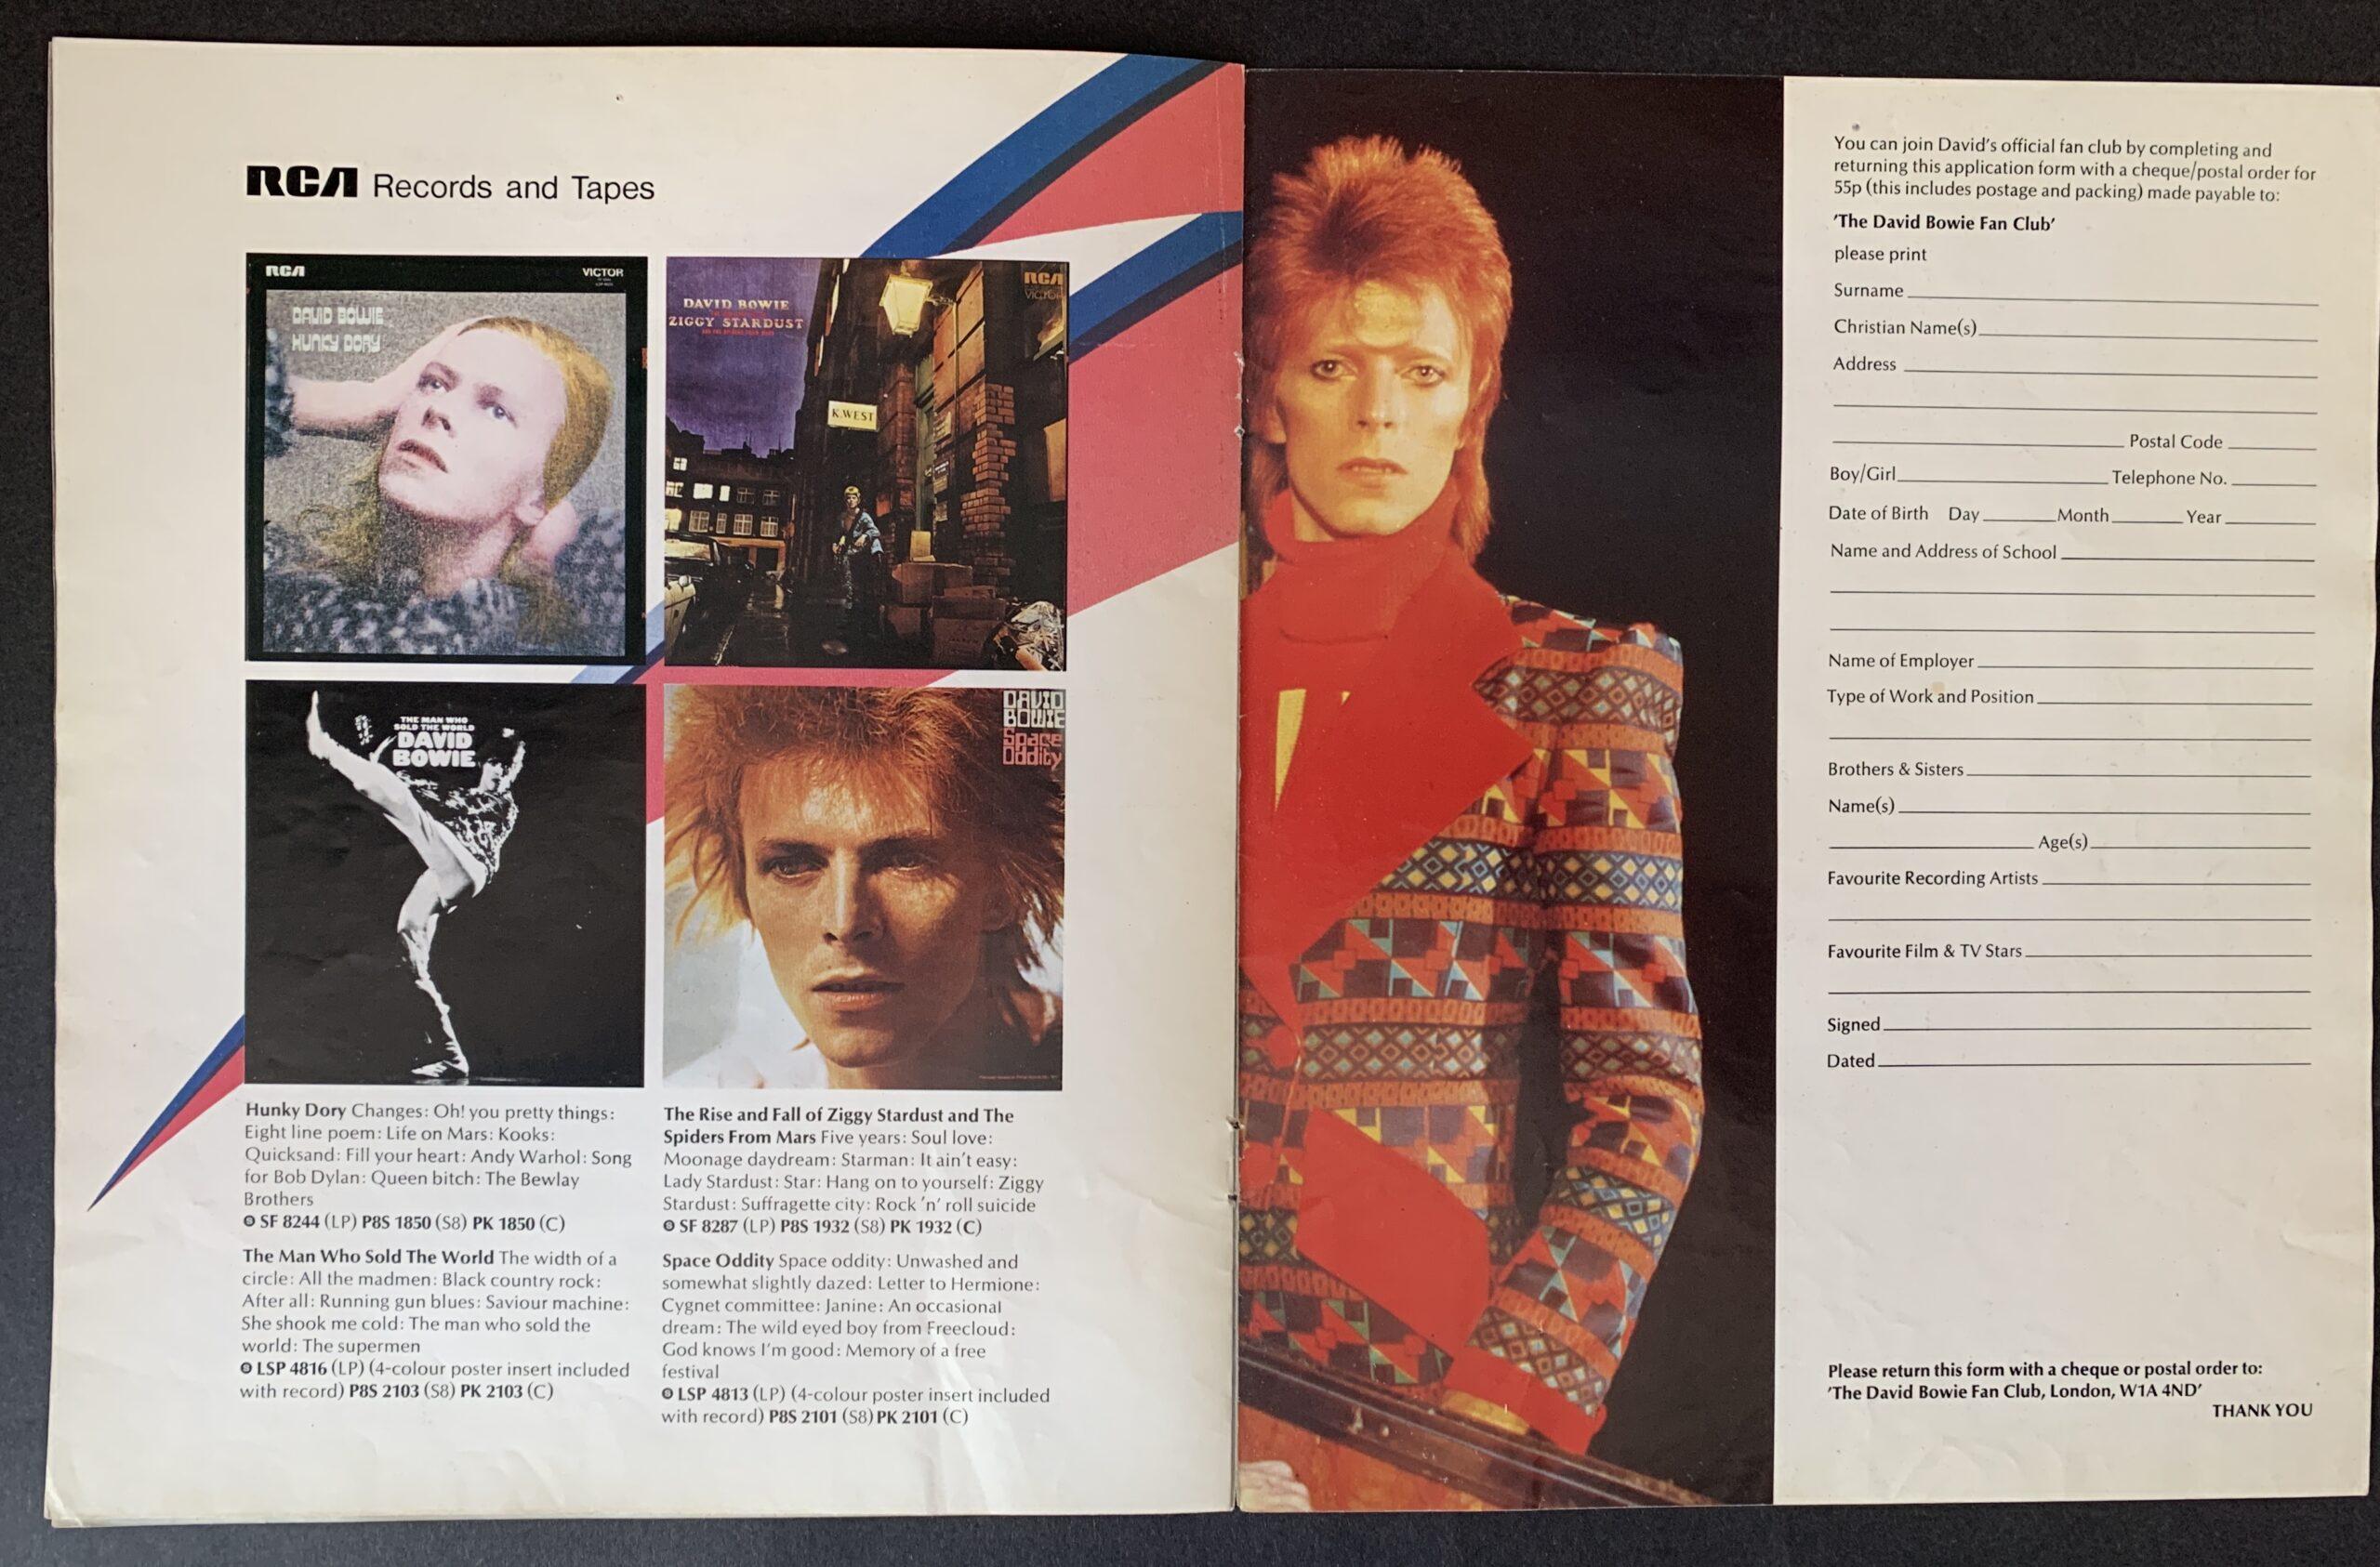 David Bowie Aladdin Sane Hammersmith Odeon 1973 Concert Ticket Stub Fine Art Print Ziggy Stardust